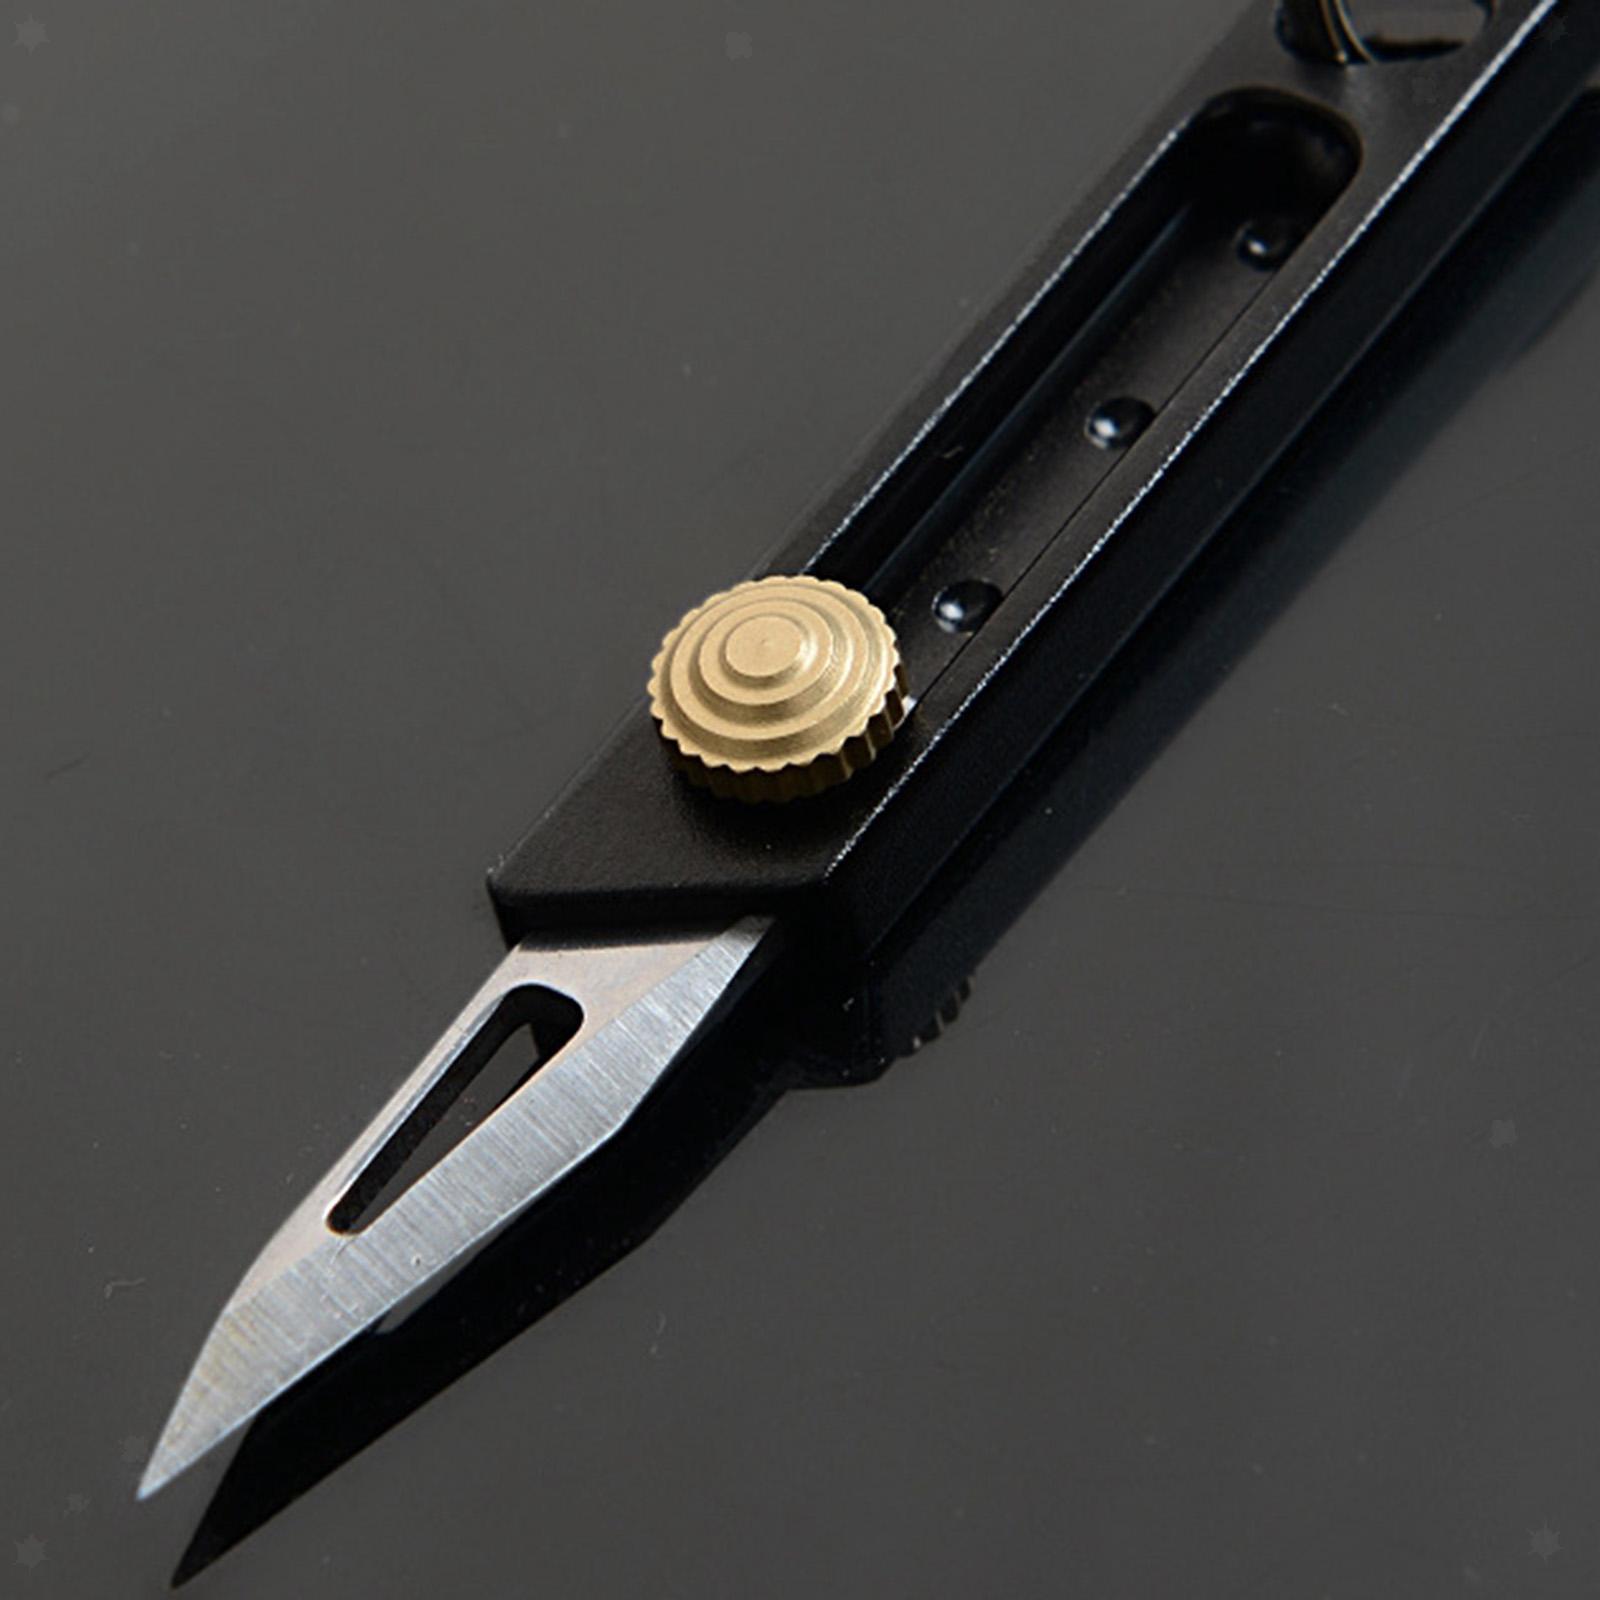 miniatura 9 - Multi Utility Coltello In Alluminio A Scomparsa di Carta di Taglio Tool Box Lama